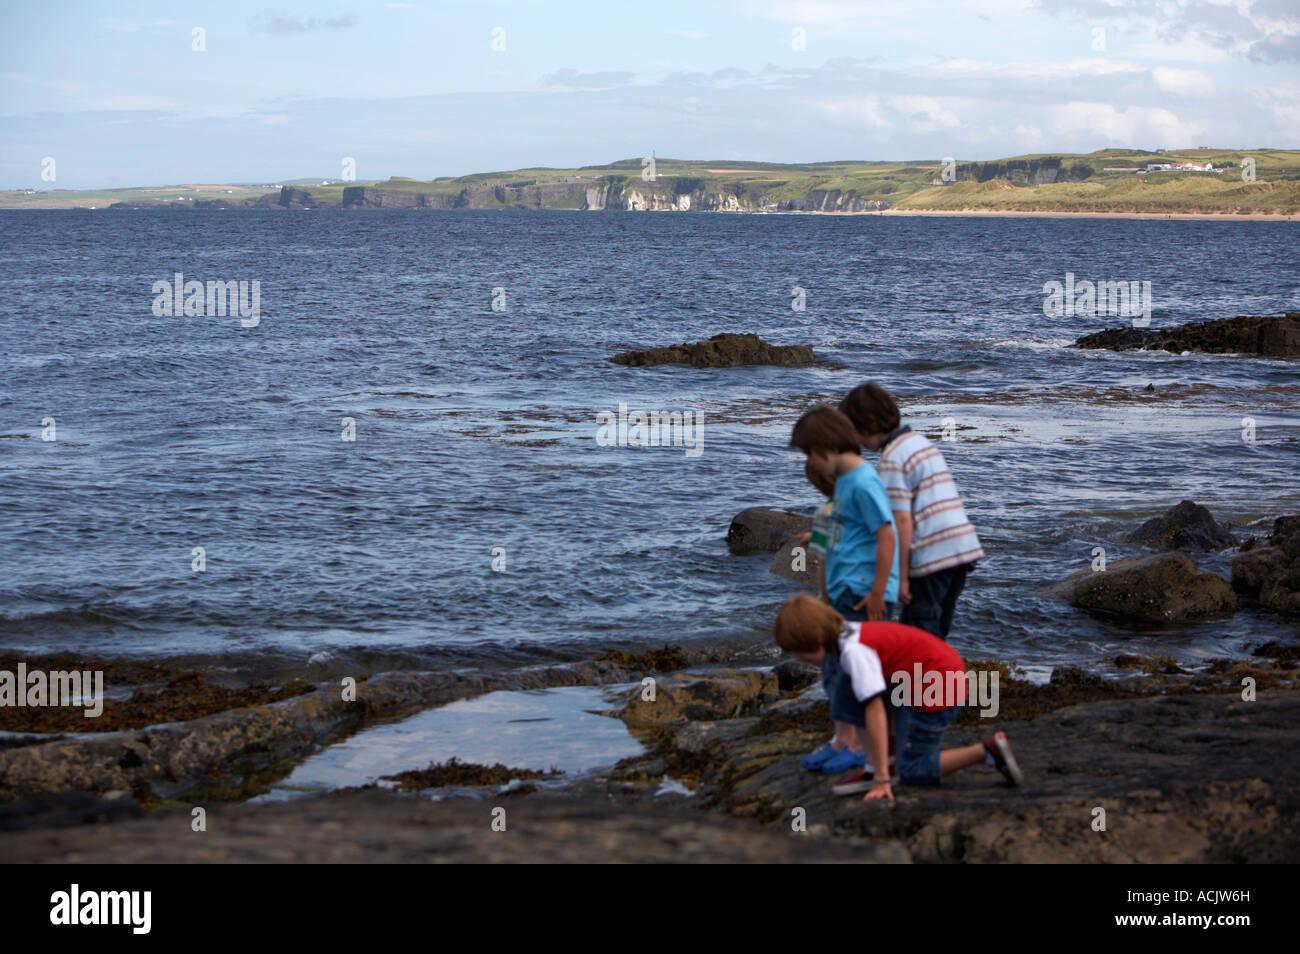 Un grupo de cuatro muchachos jóvenes que buscan en un estanque de rocas en la costa rockly en Portrush Irlanda Imagen De Stock